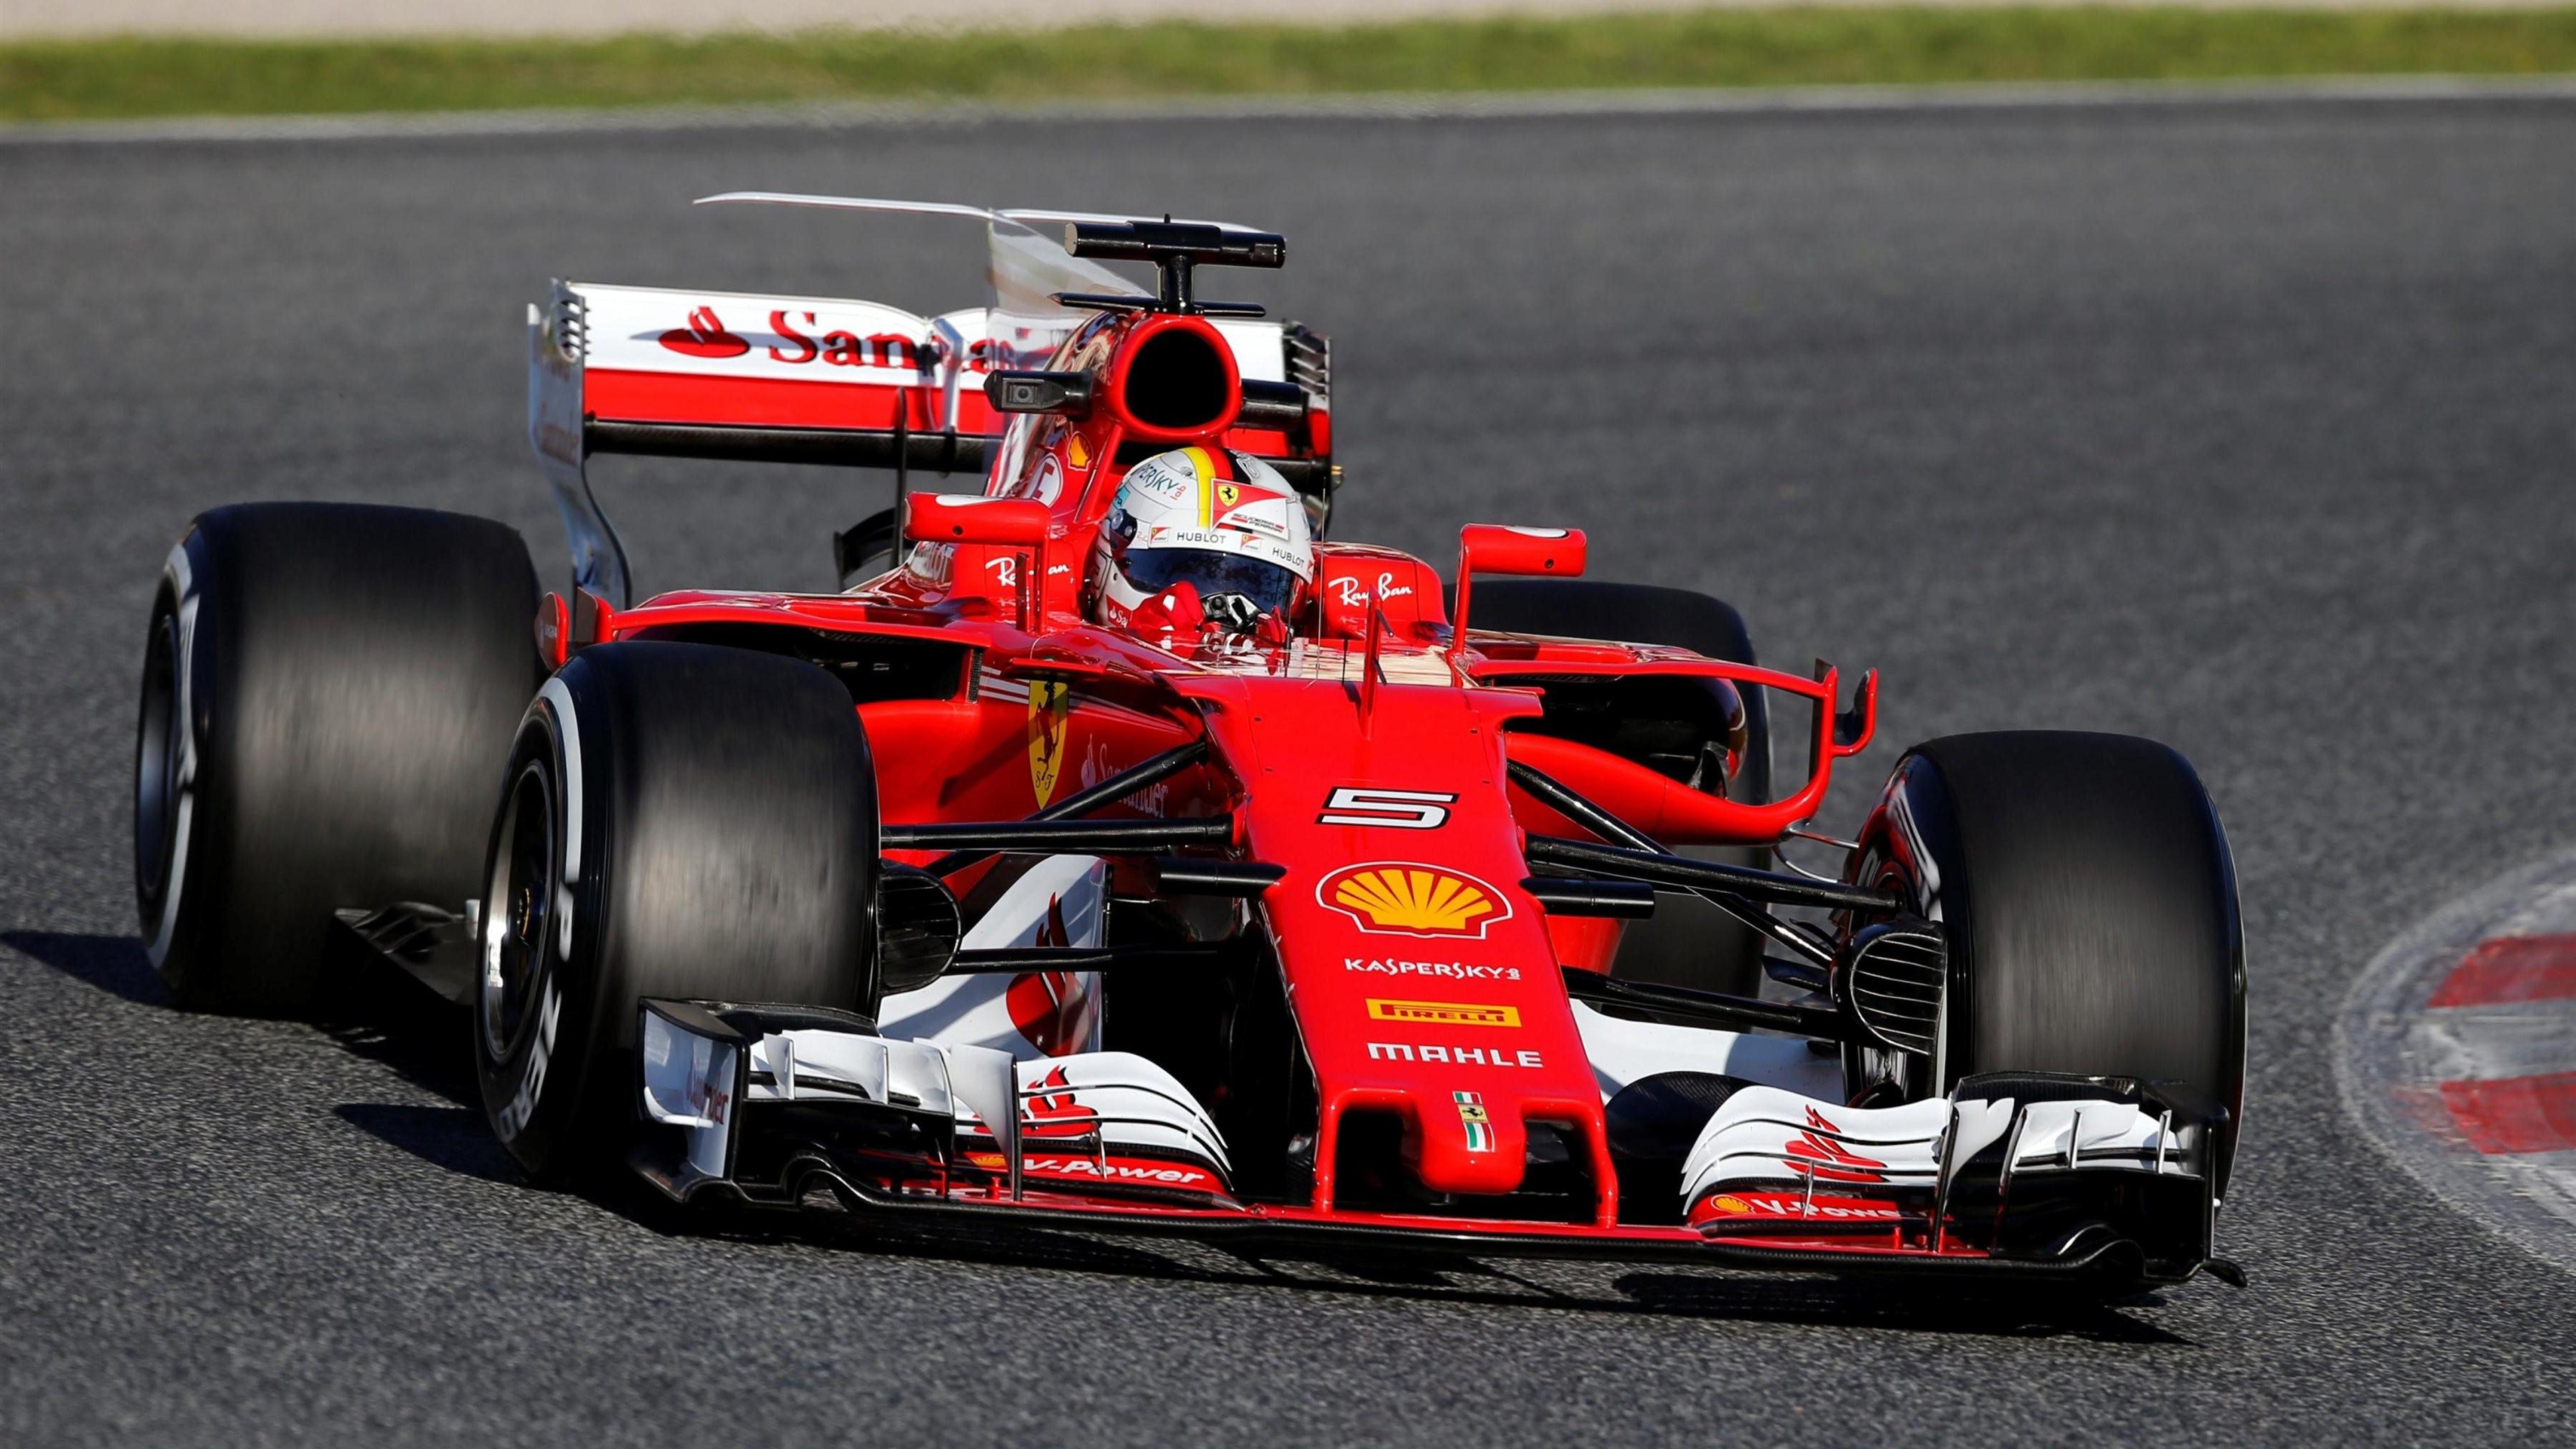 Get Scuderia Ferrari F1 Wallpaper 2004  Gif